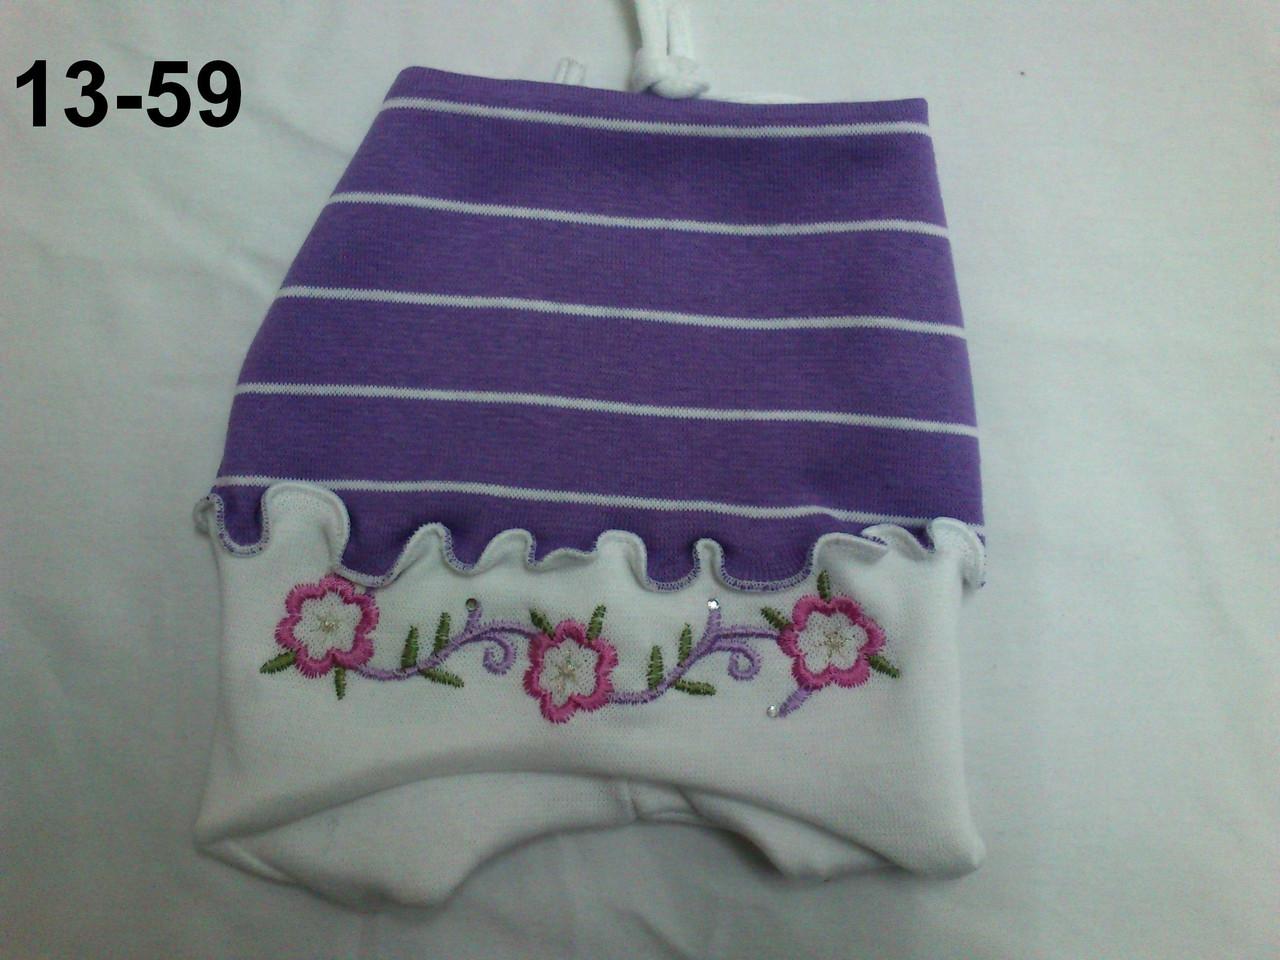 Шапочка для девочек из хлопка с вышивкой, модель 13-59